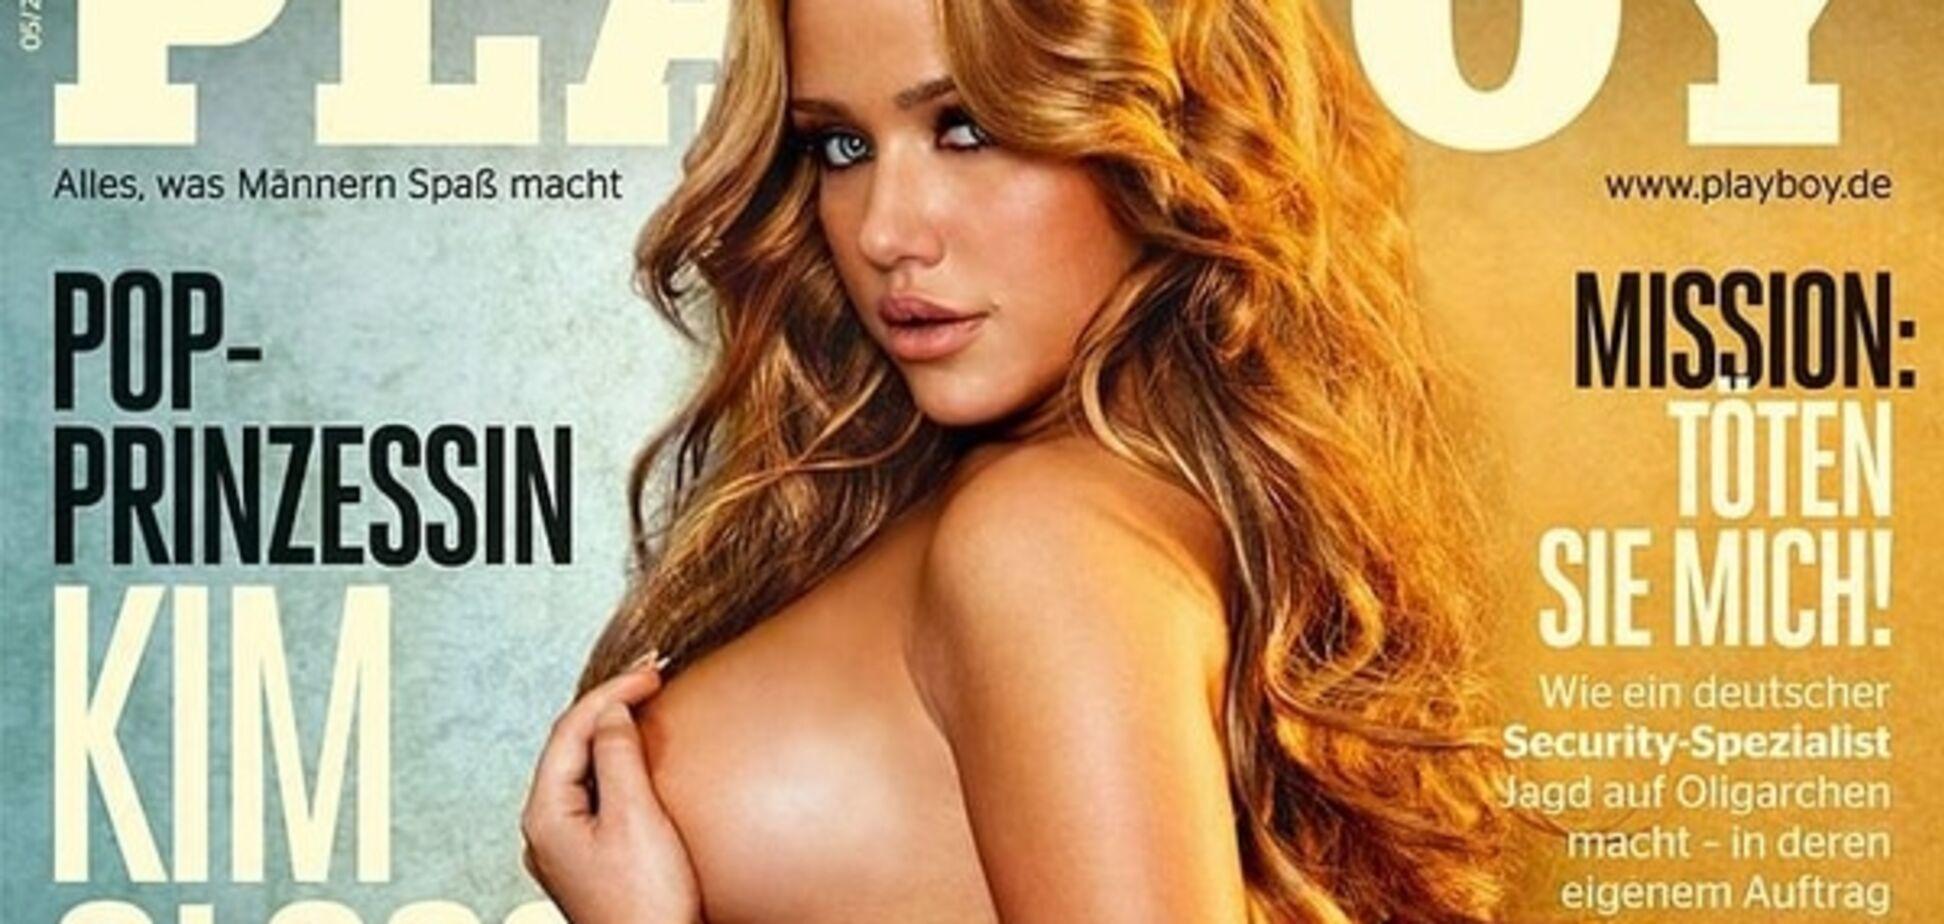 Playboy підірвав соцмережі відмовою від фото оголених жінок